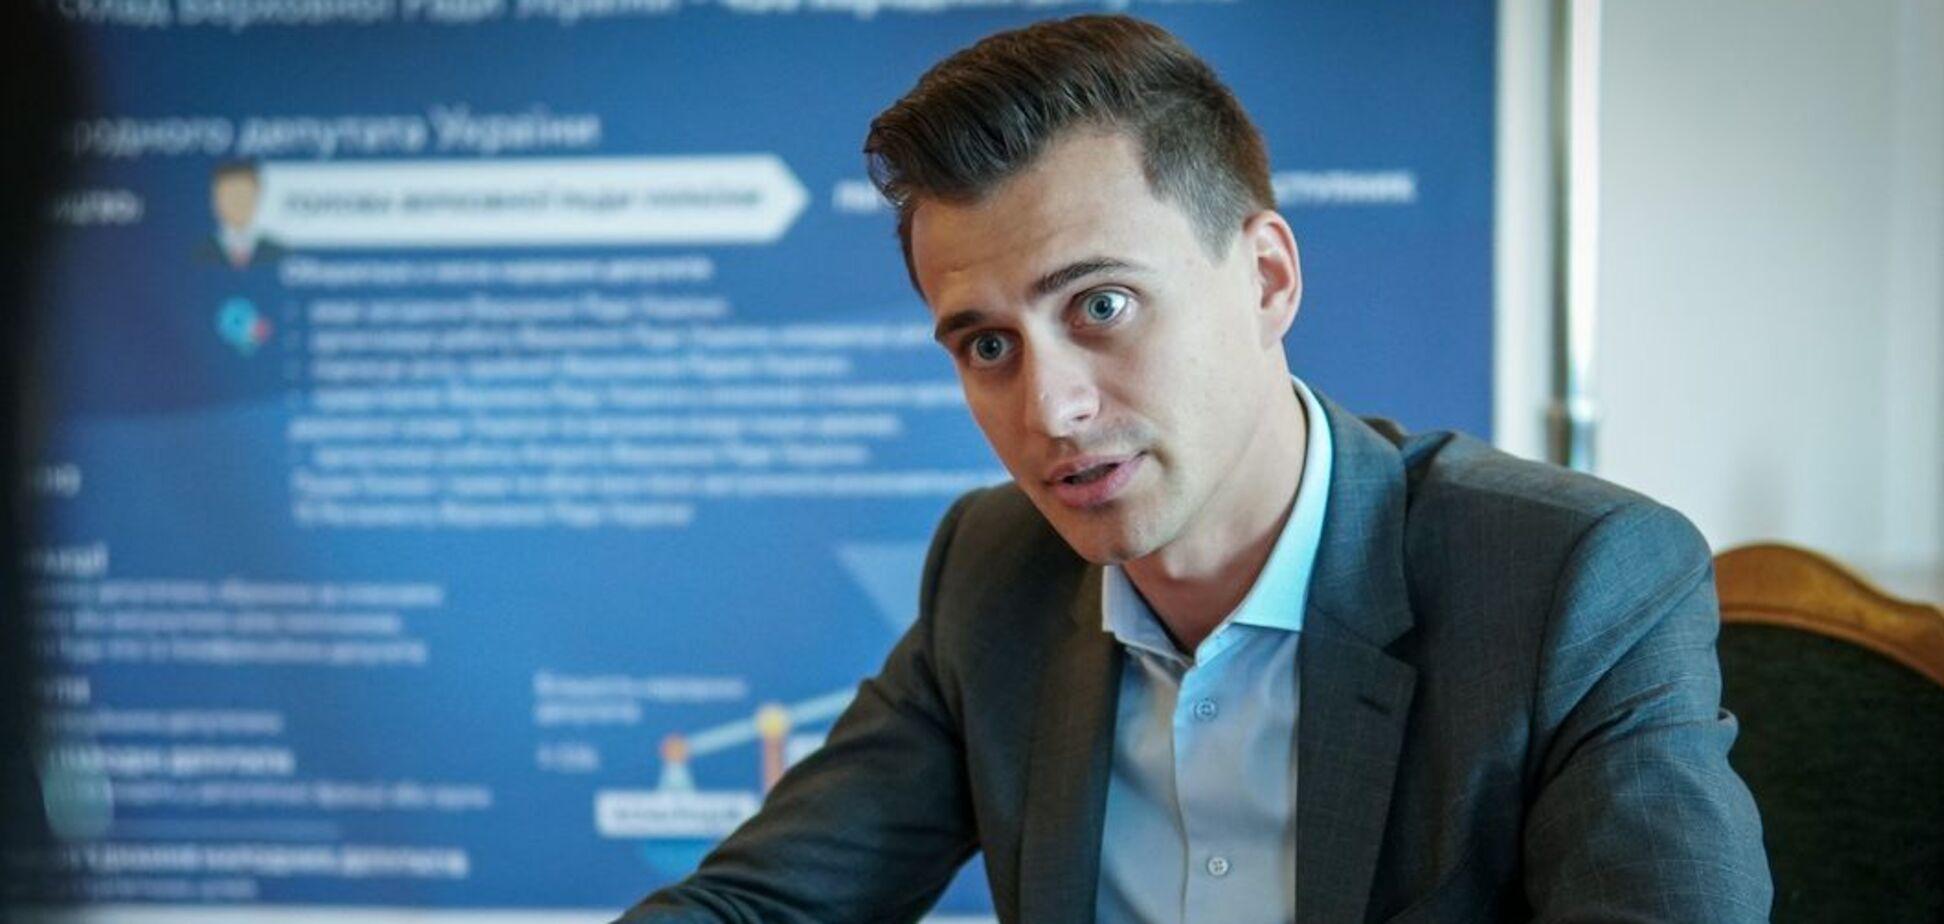 Перегляд тарифів 'Укрзалізниці' можливий тільки після реформування, це має вирішувати НКРТ, – нардеп Скічко